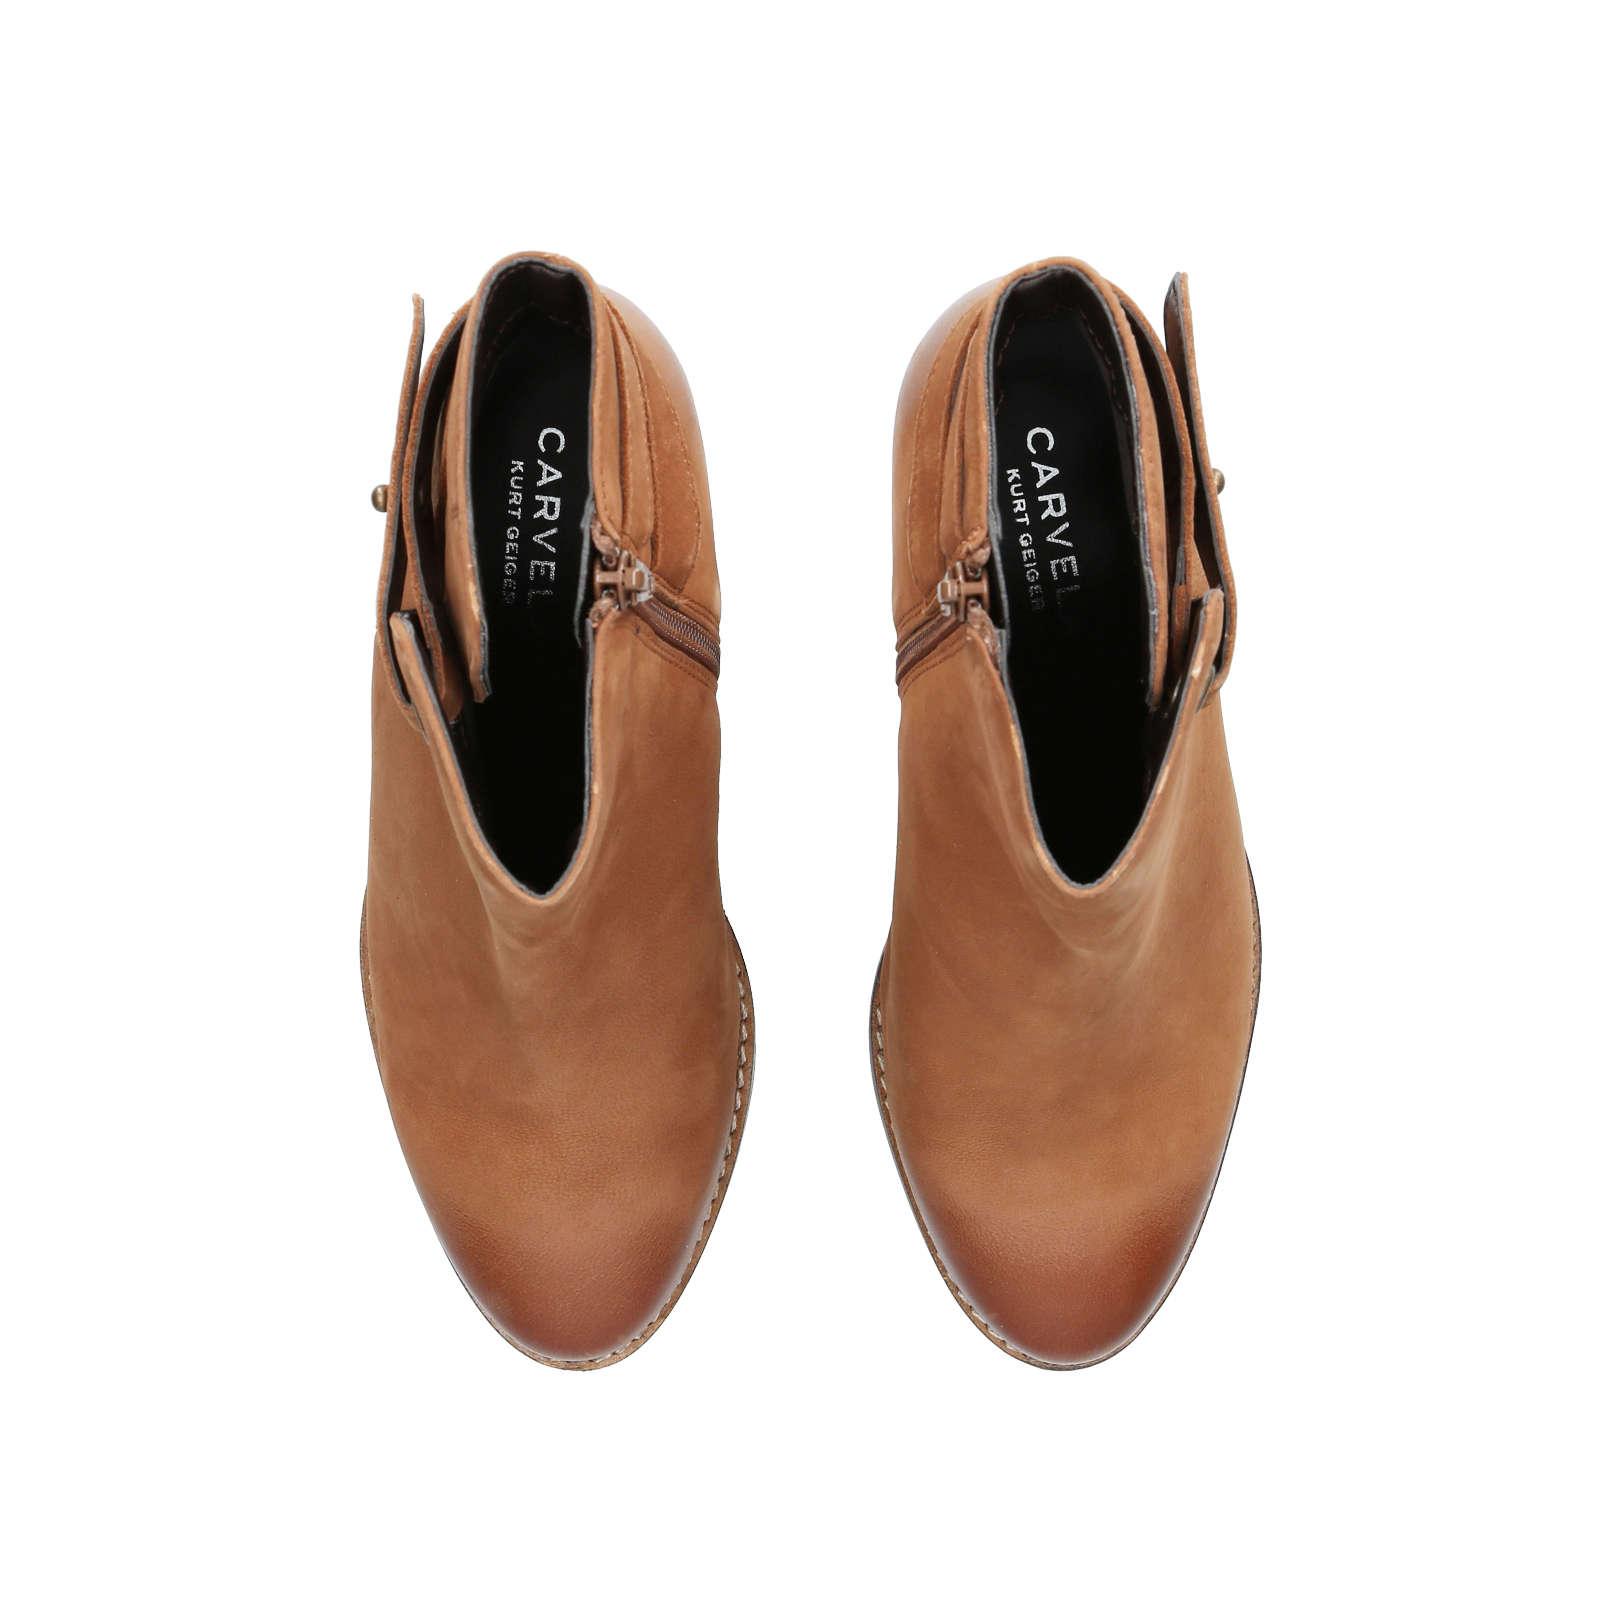 c2a99455c74 SMART - CARVELA Boots